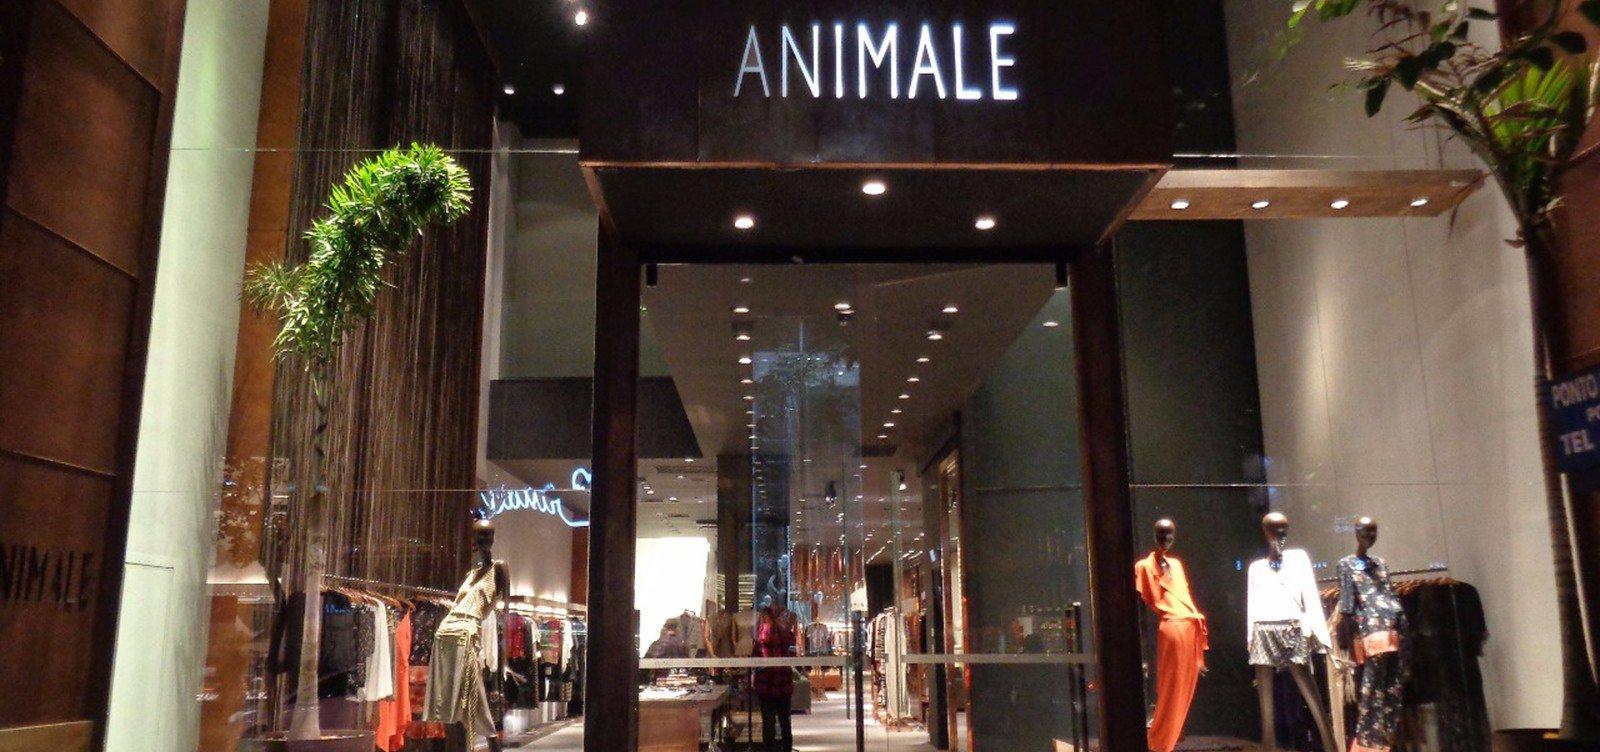 [Grife Animale e outras 47 empresas integram nova 'lista suja' do trabalho escravo]